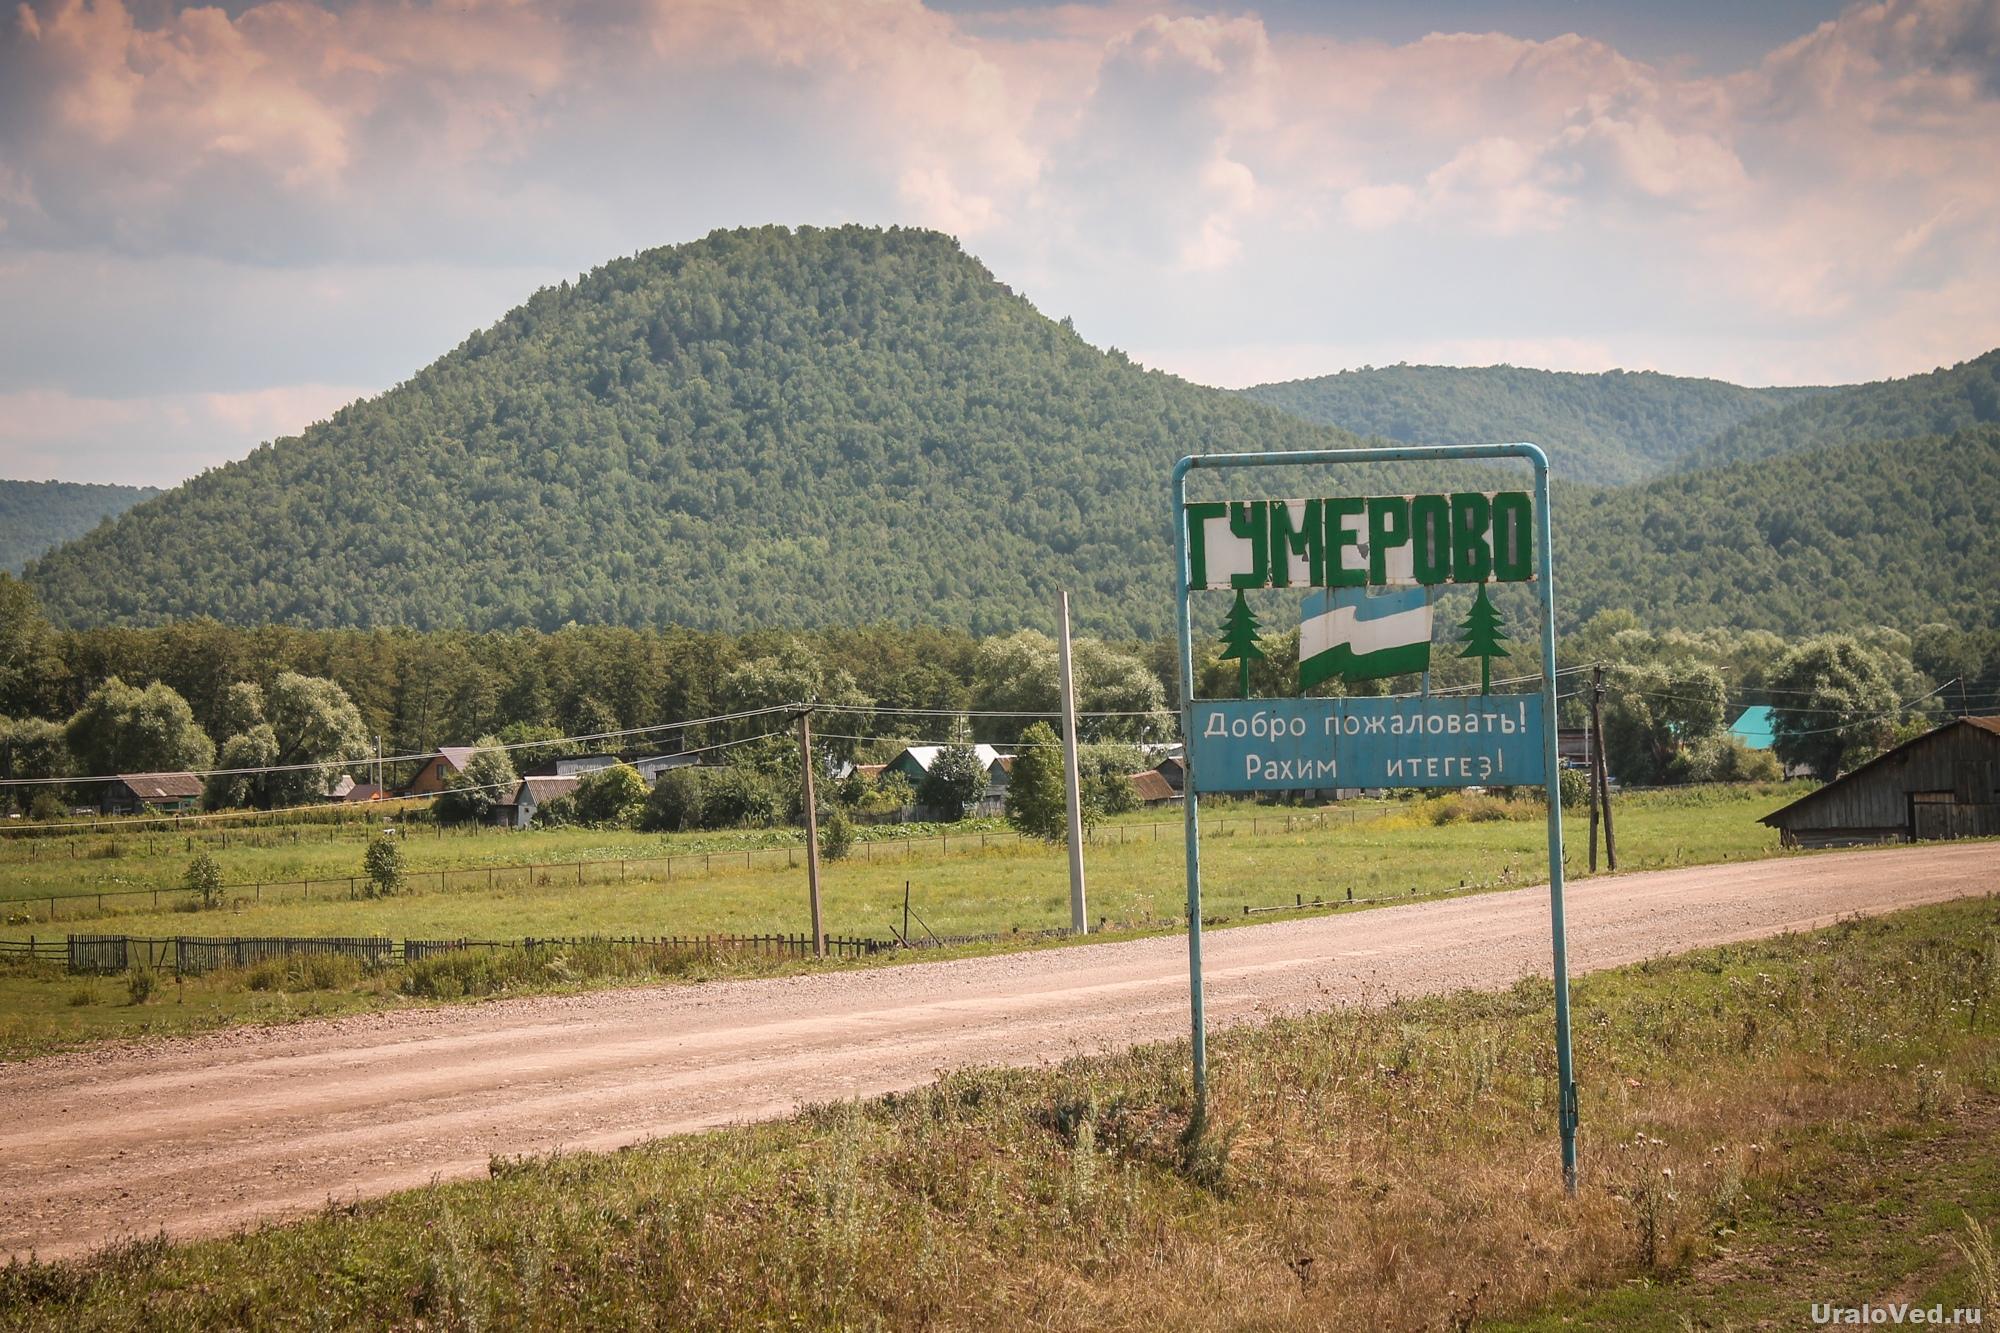 Деревня Гумерово